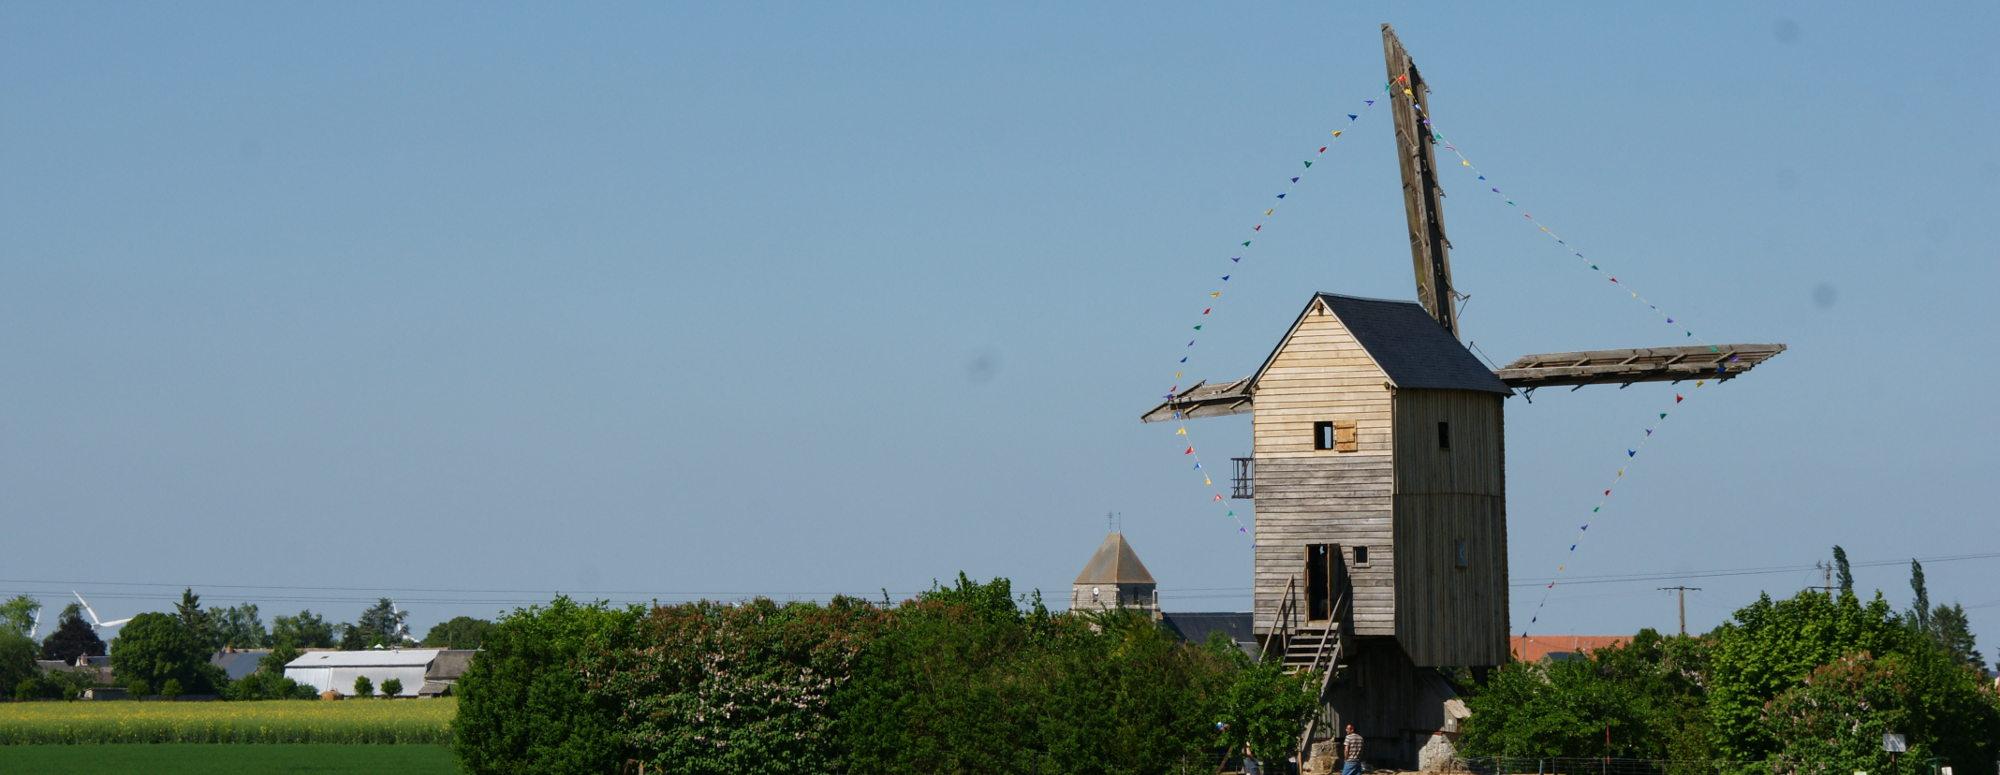 Moulin Eure et Loir hôtel 3 * logis Entre Beauce et Perche près Chartres